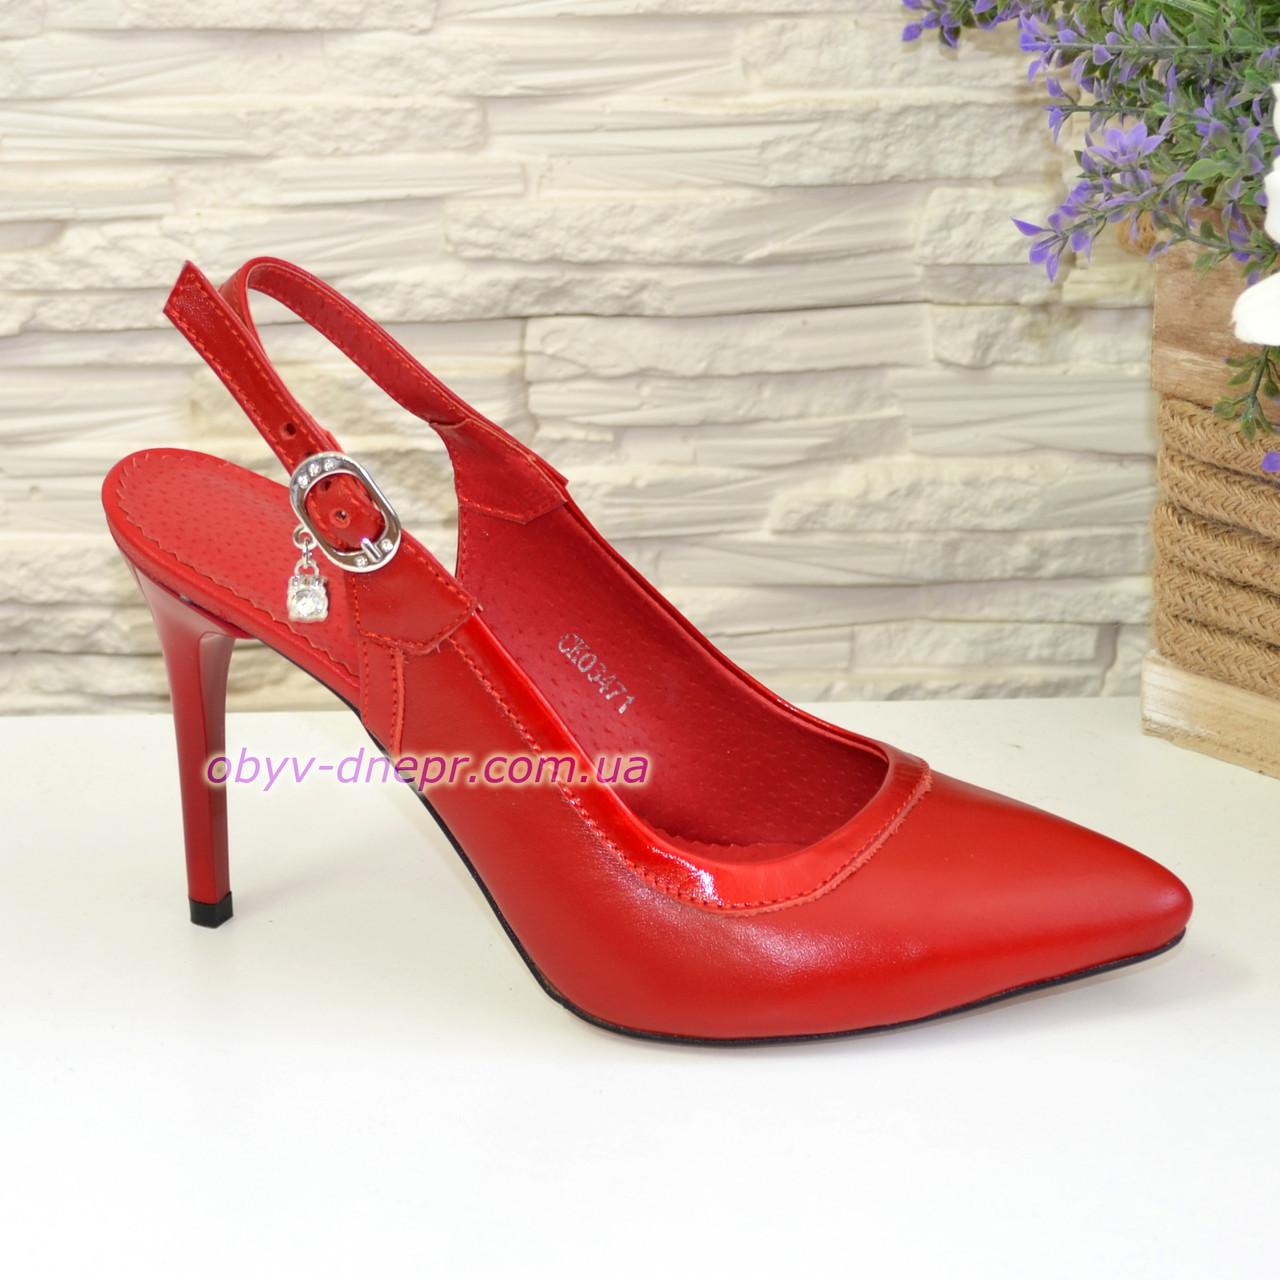 Стильные кожаные туфли женские на шпильке, цвет красный, фото 1